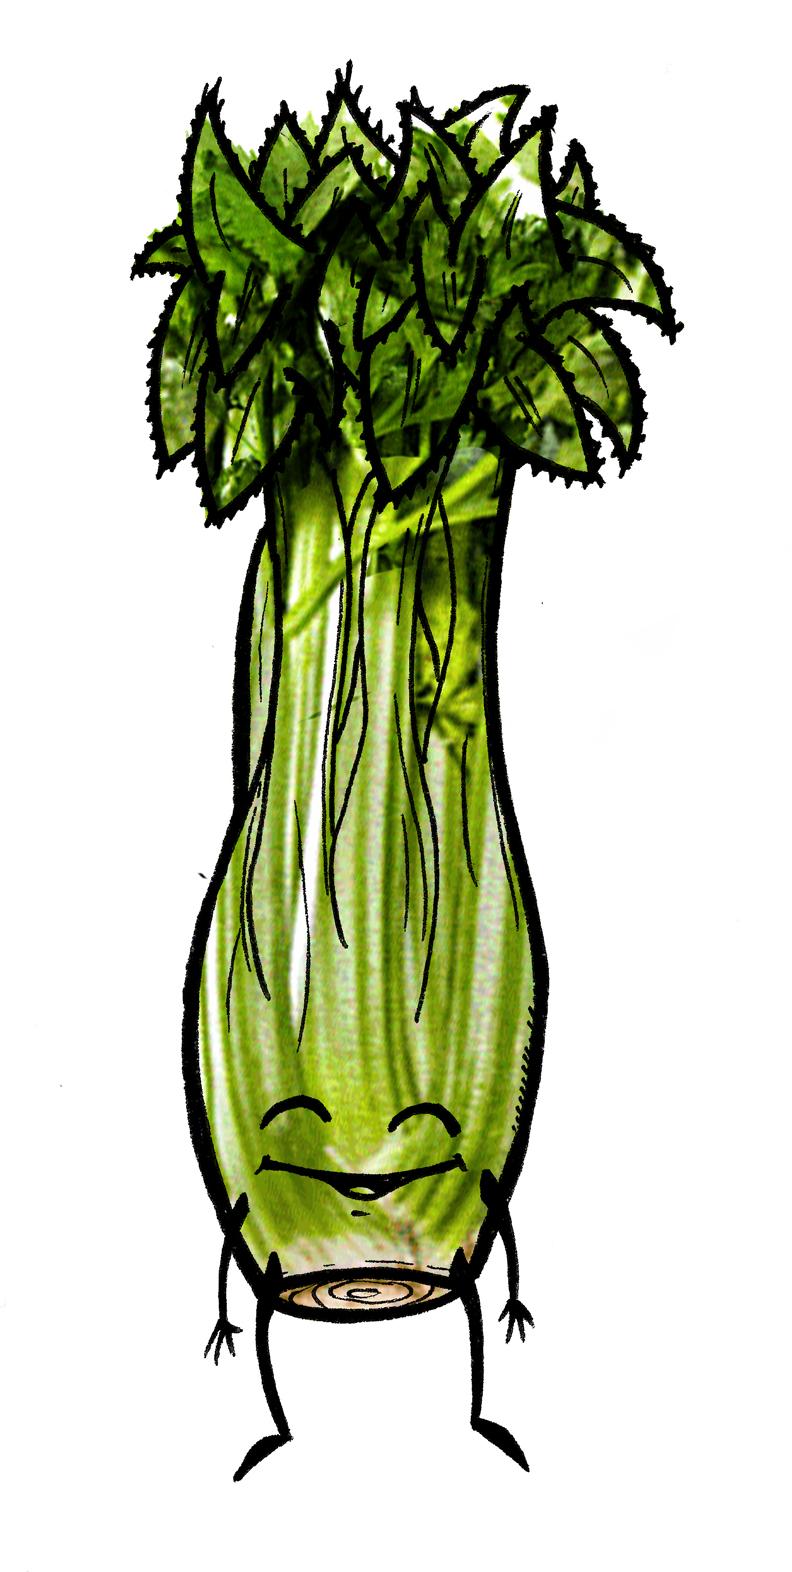 celery-1-by-woerm.jpg